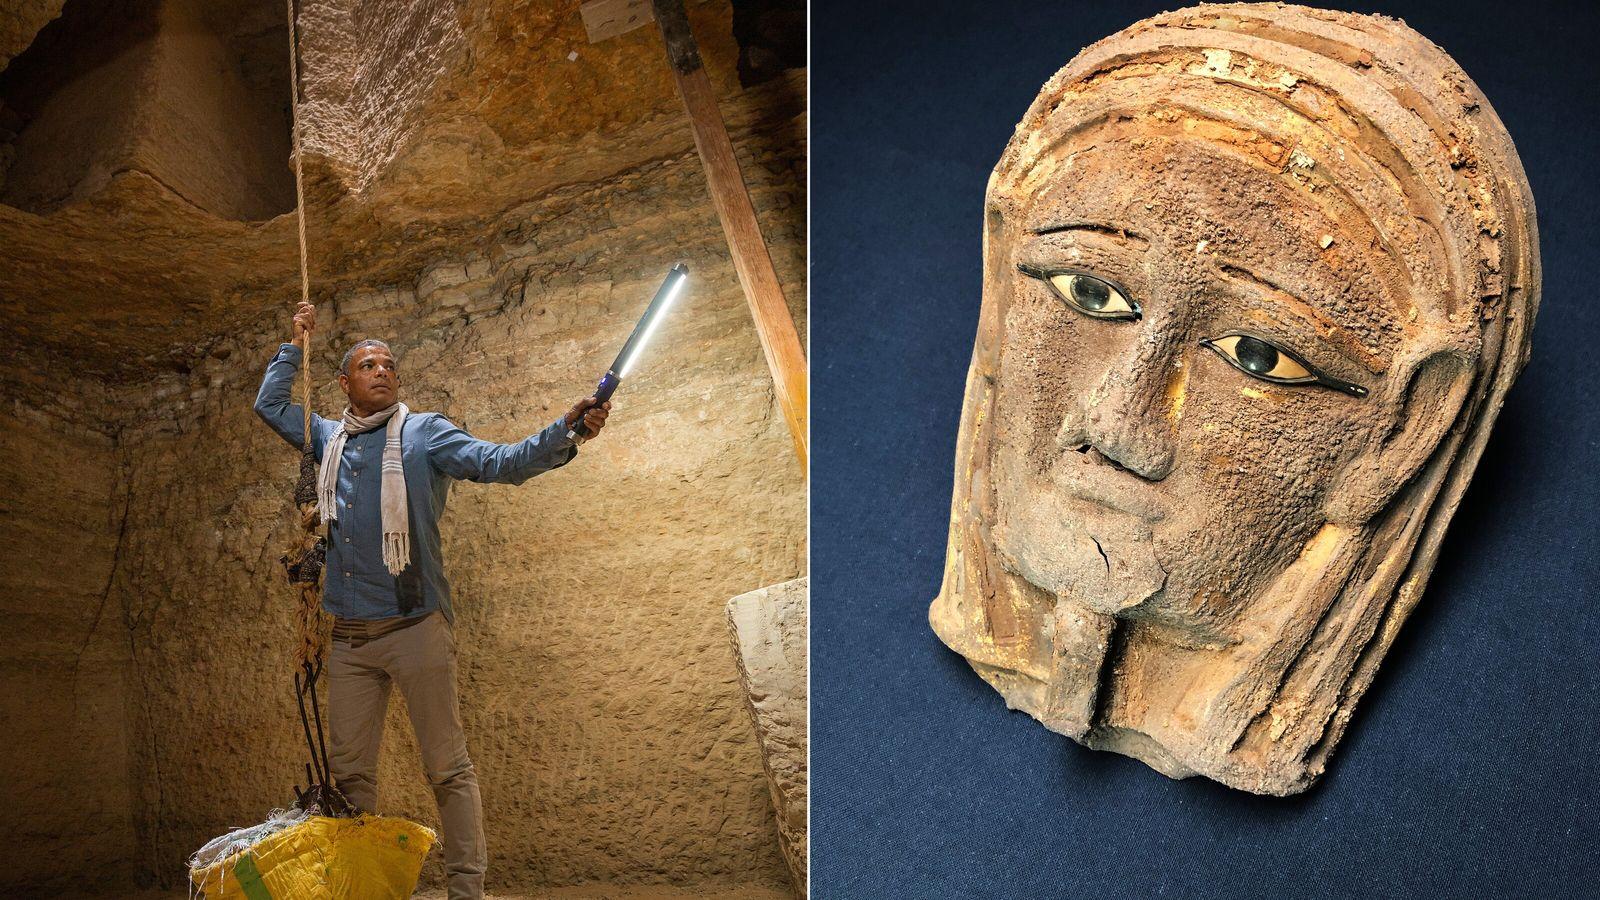 L'égyptologue Ramadan Hussein descend au moyen d'une corde et d'un panier dans l'atelier de momification exhumé ...